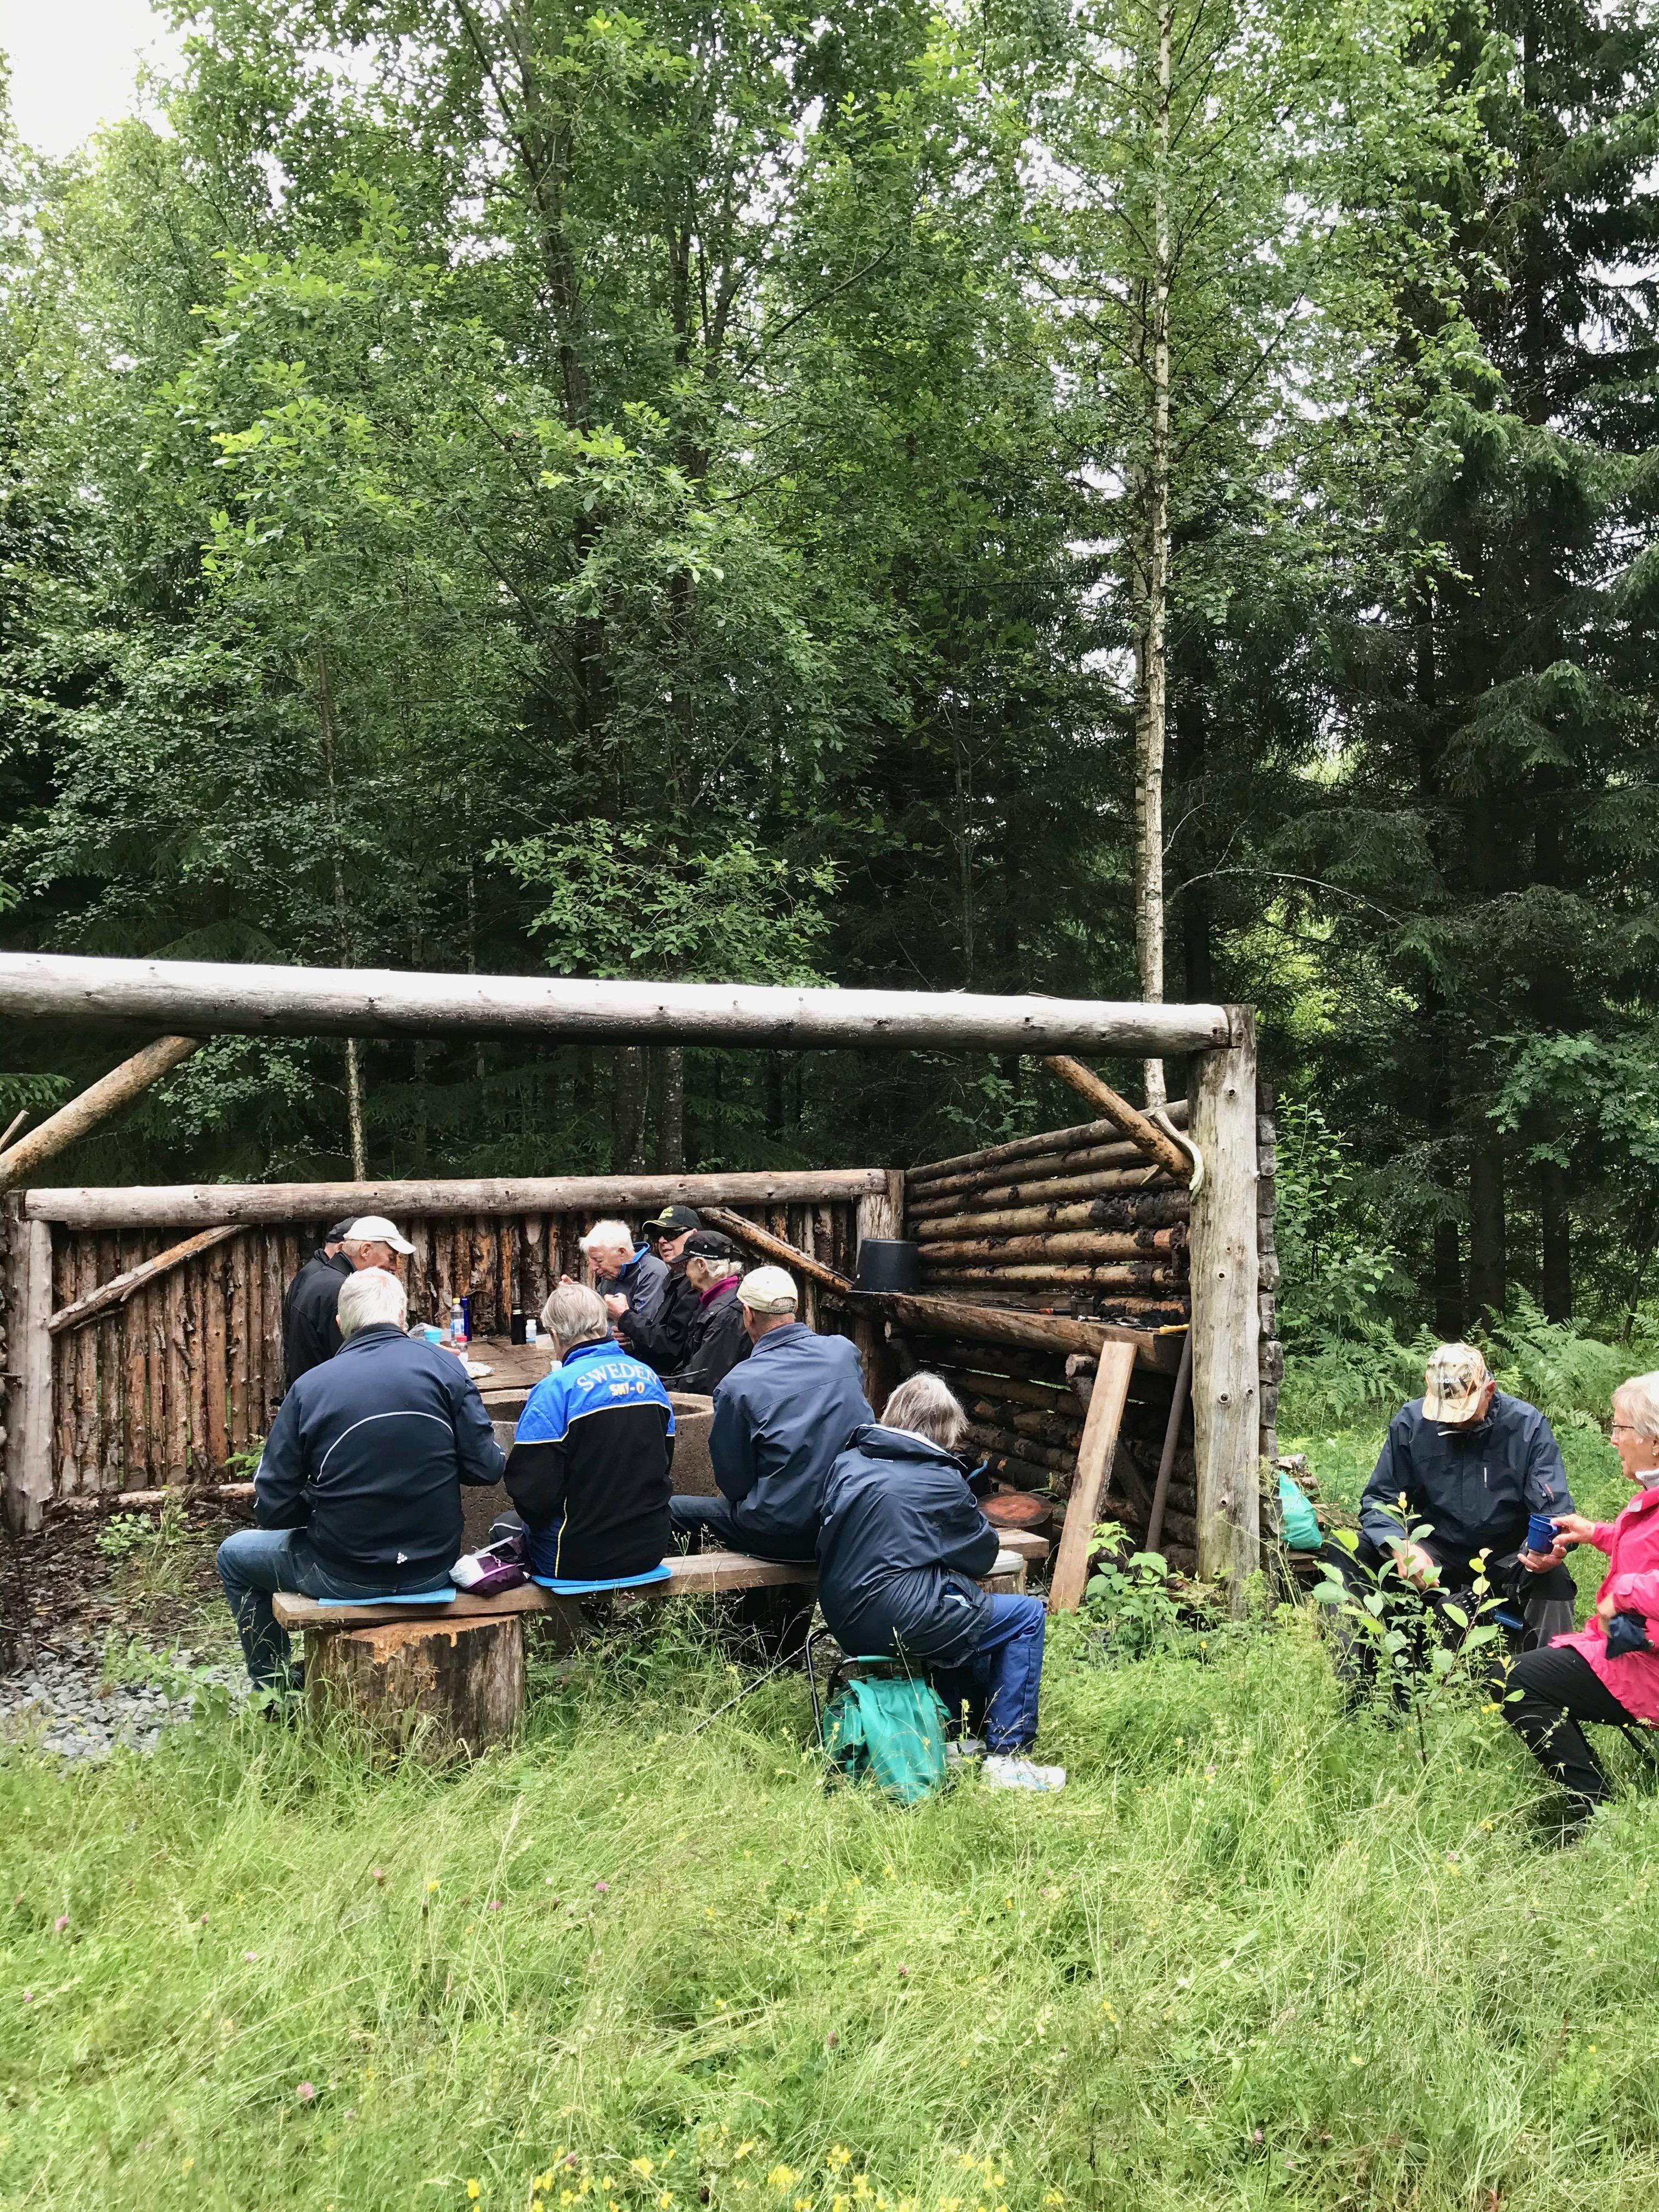 Fikadags på den rejäla grillplatsen som håller på att renoveras. För tillfället saknades tak.